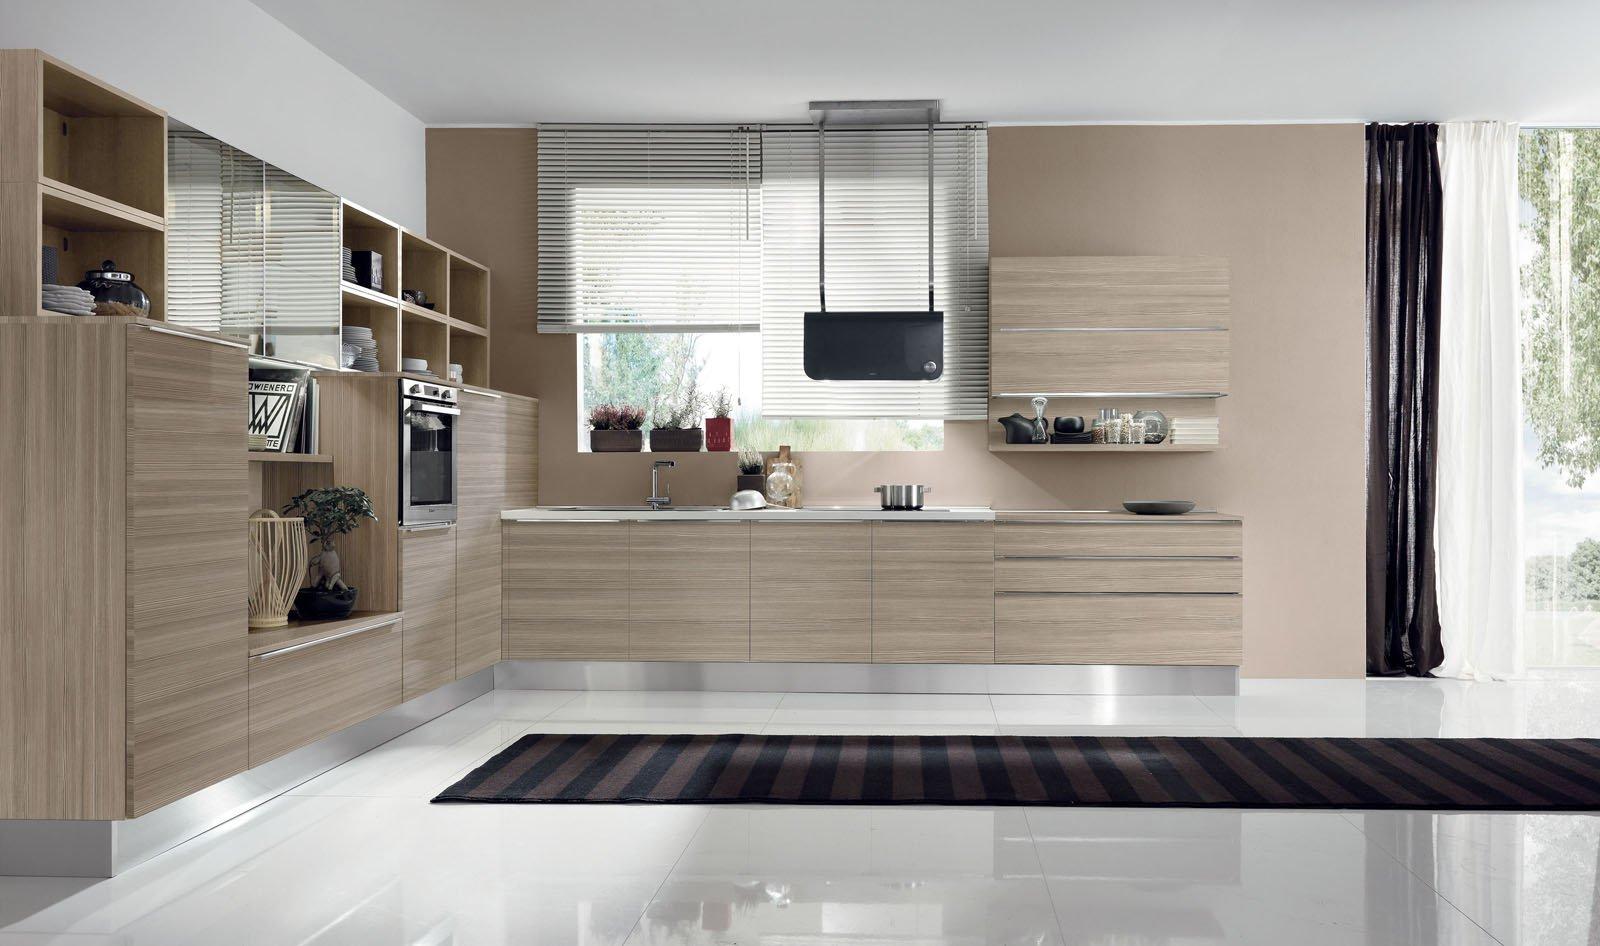 Aran 5 cucine per sfruttare lo spazio in modi differenti - Cucine aran prezzi ...